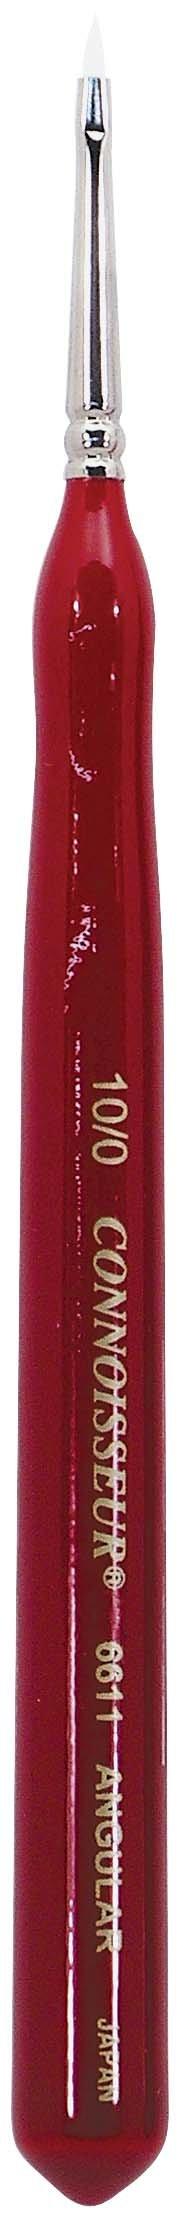 Connoisseur White Taklon Mini Detail Brush, #10/0 Angular